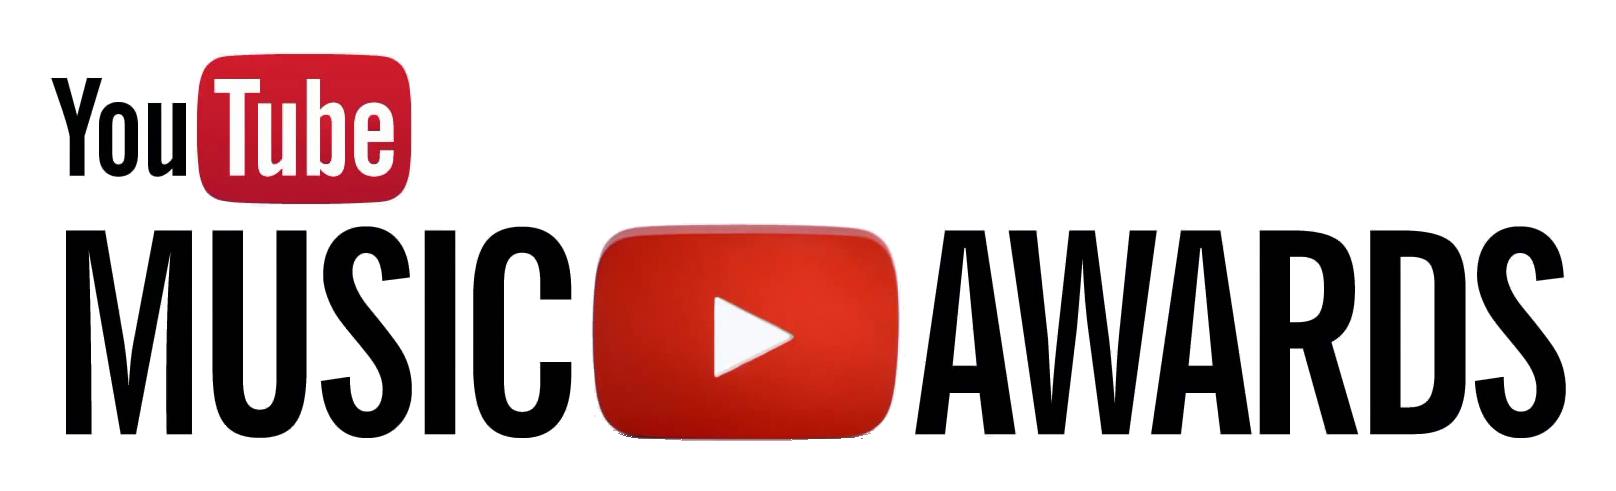 During 2014, YouTube had taken